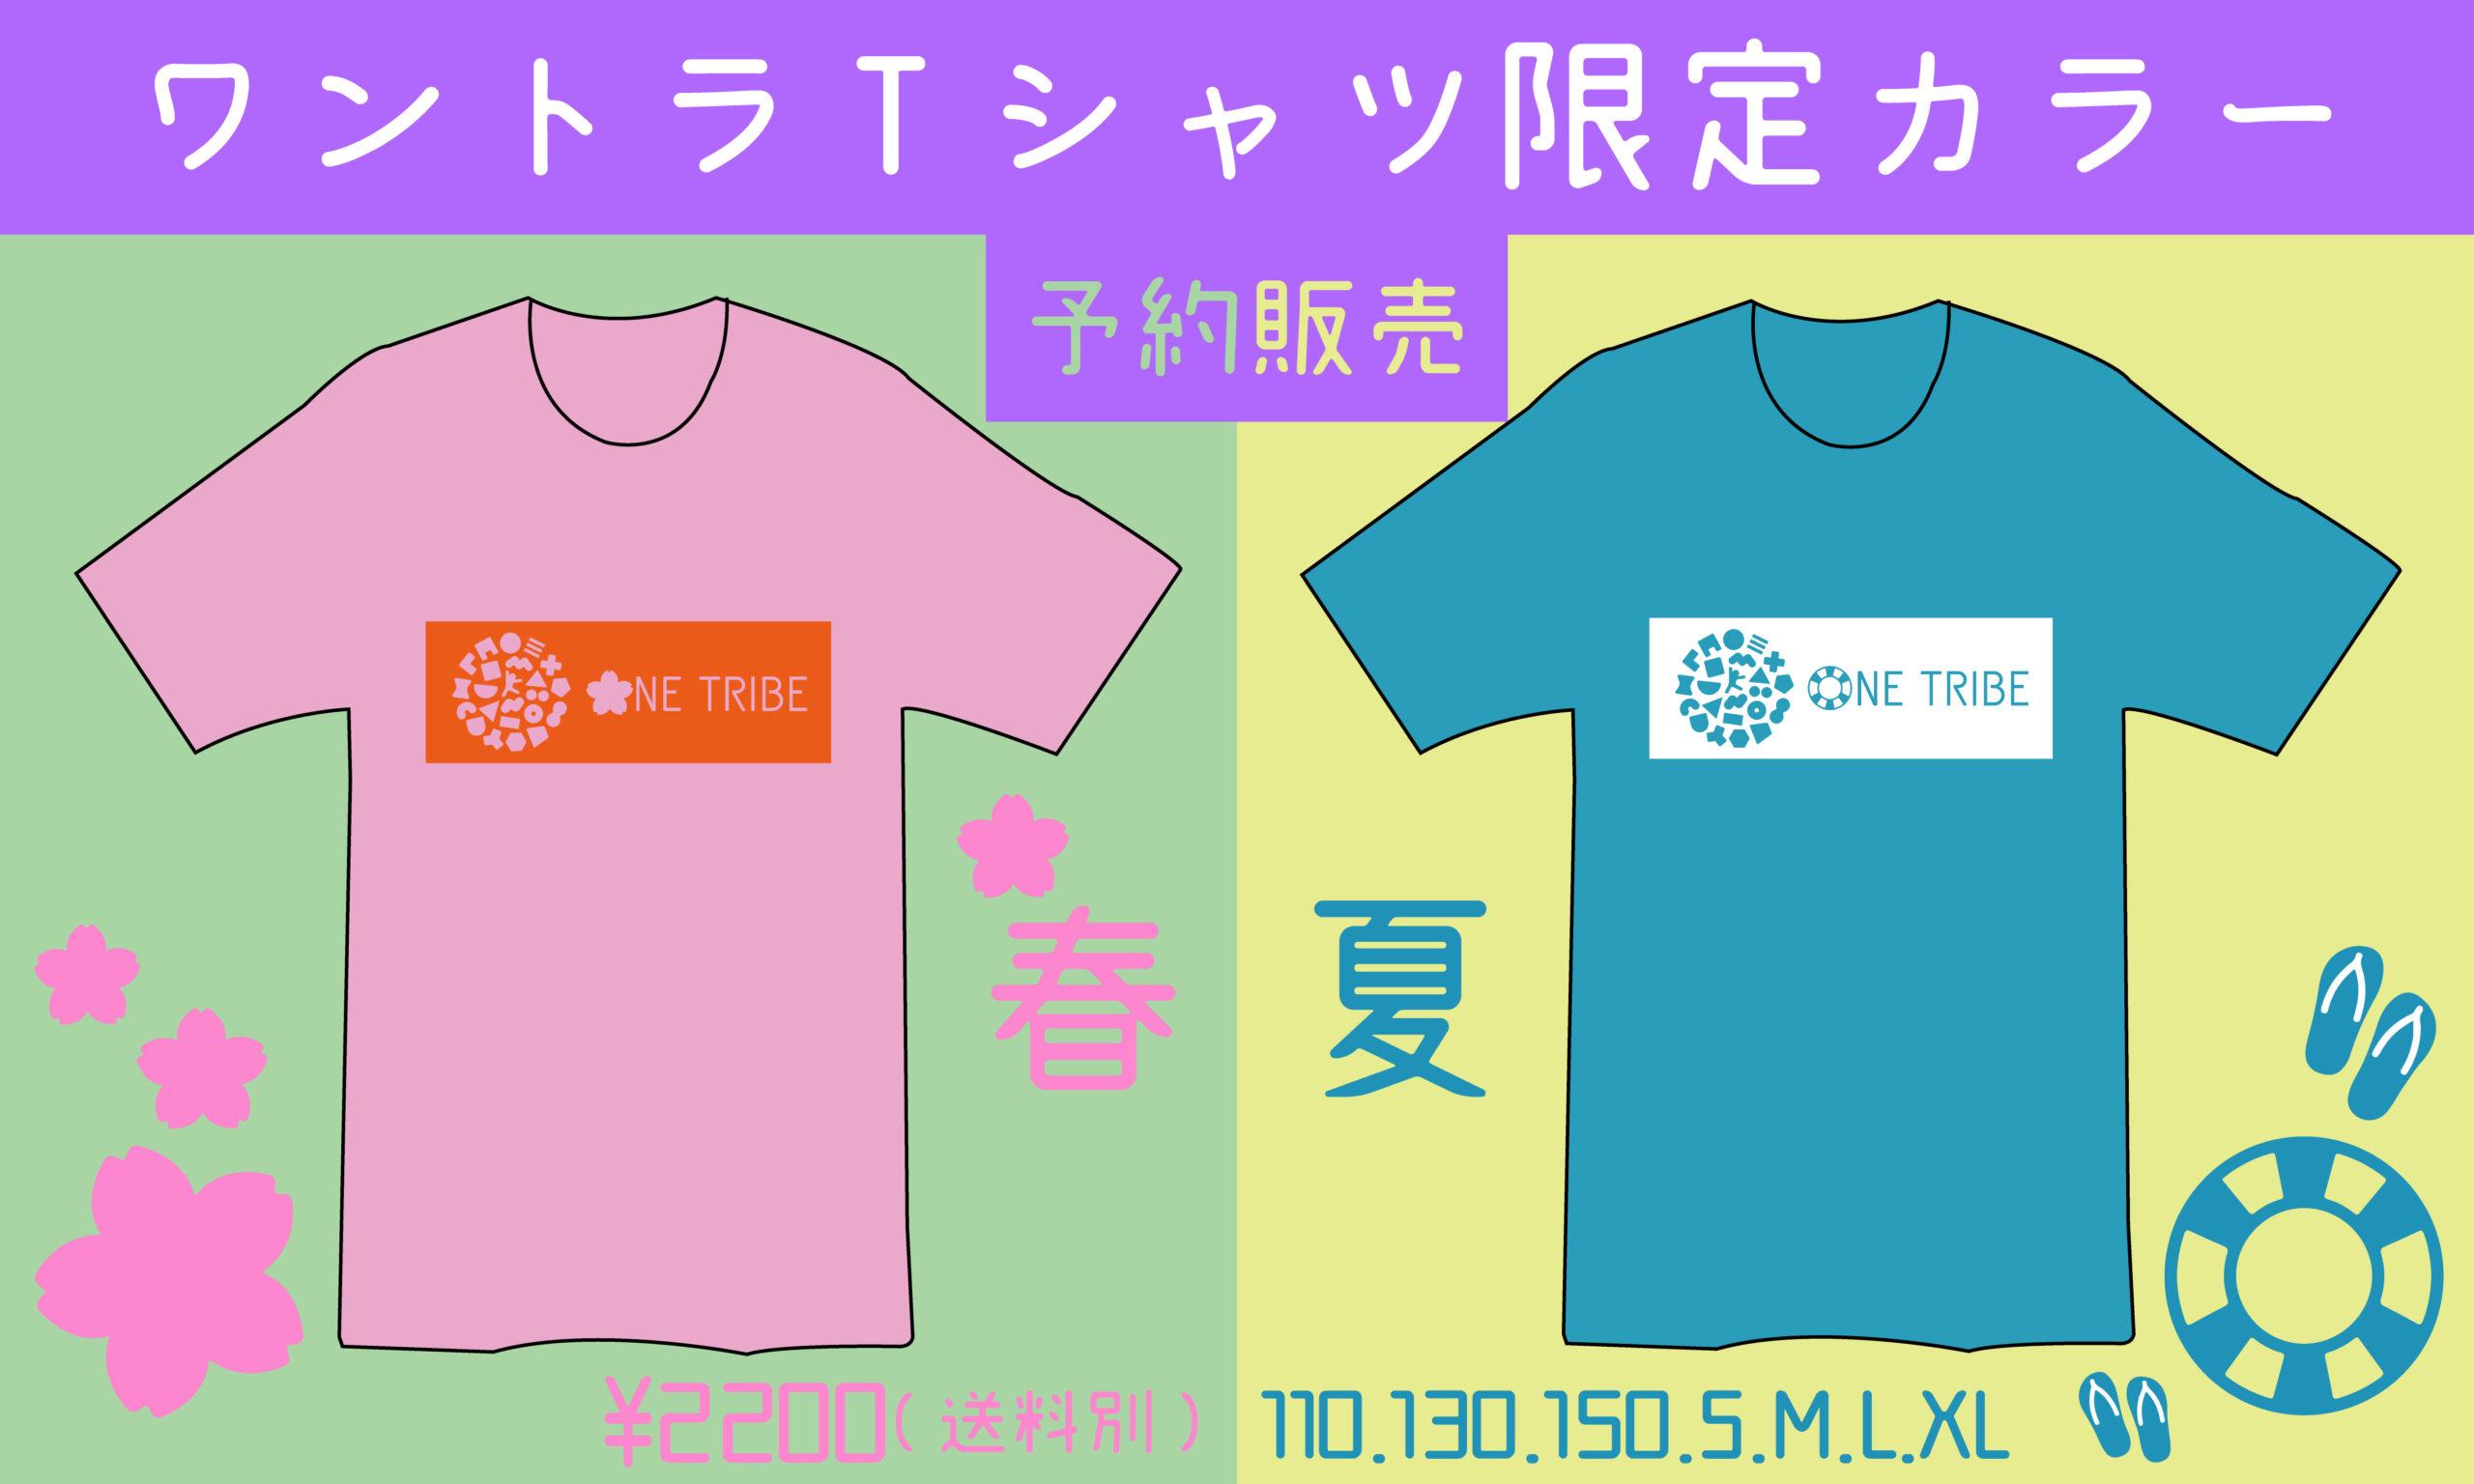 ワントライブTシャツ限定カラー★発売!